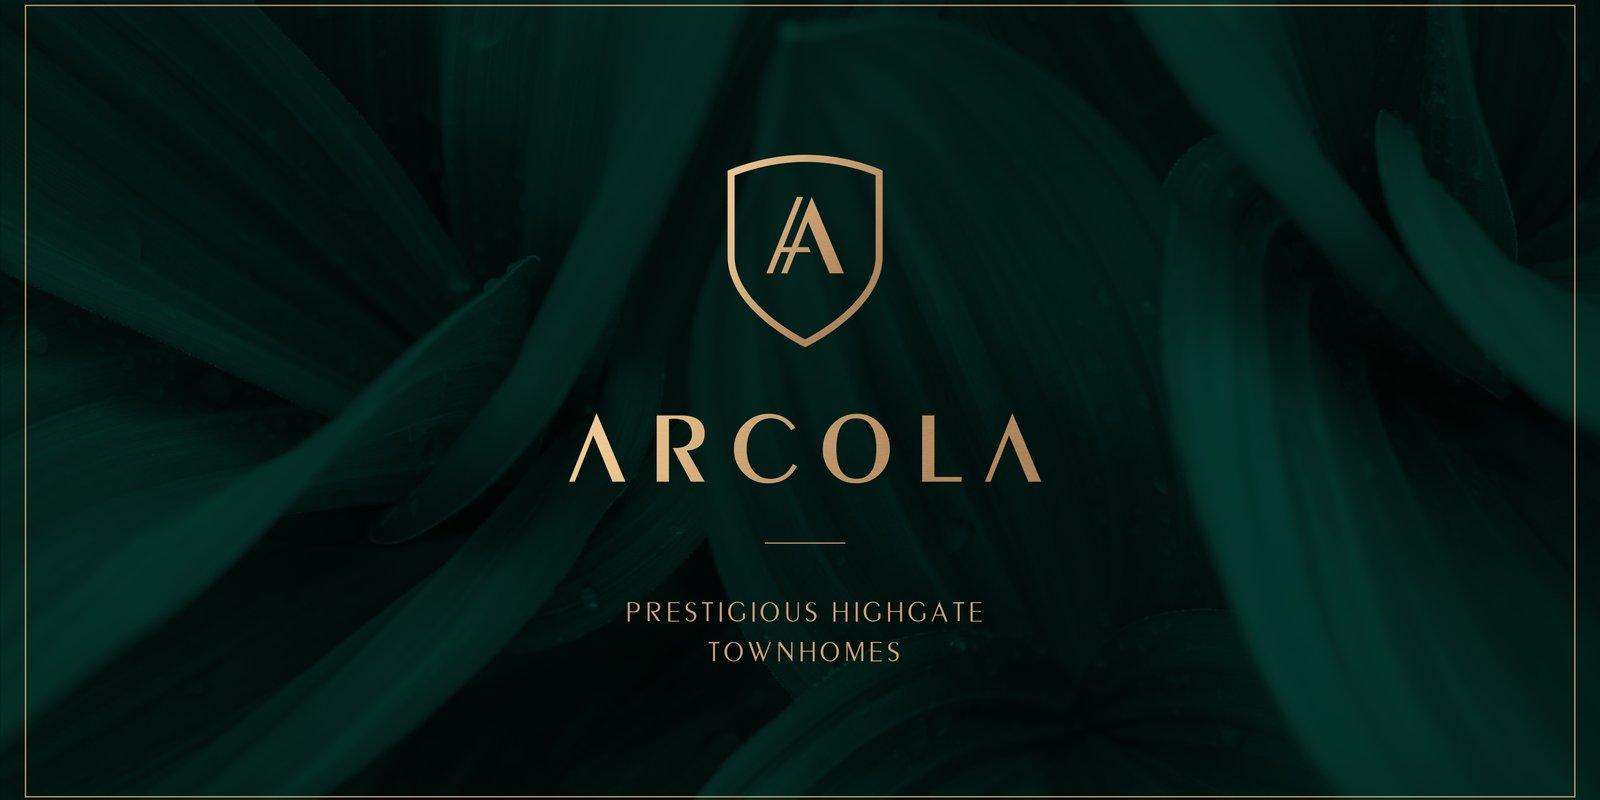 Arcola